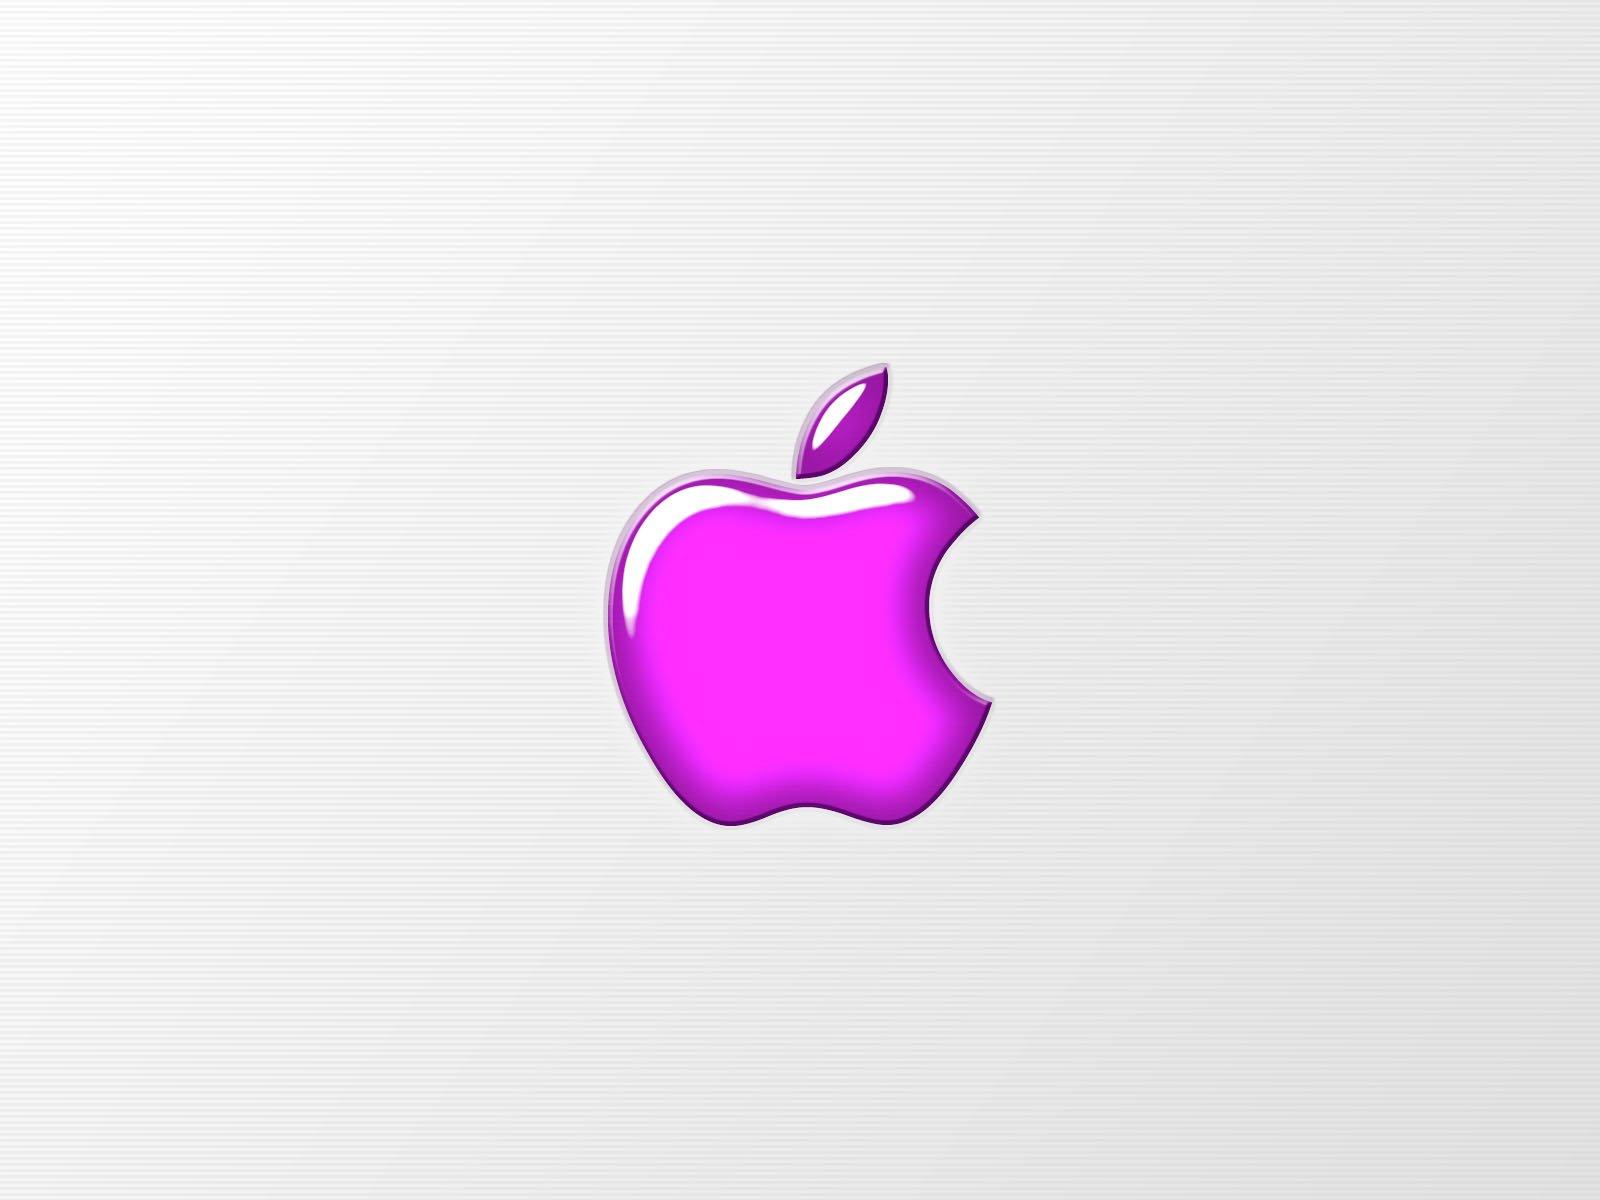 http://3.bp.blogspot.com/-B58NiMsY1WA/TtNjEhKLgzI/AAAAAAAAAL0/B3HHgq_0r5g/s1600/whitish-mac-wallpaper-with.jpg.jpg